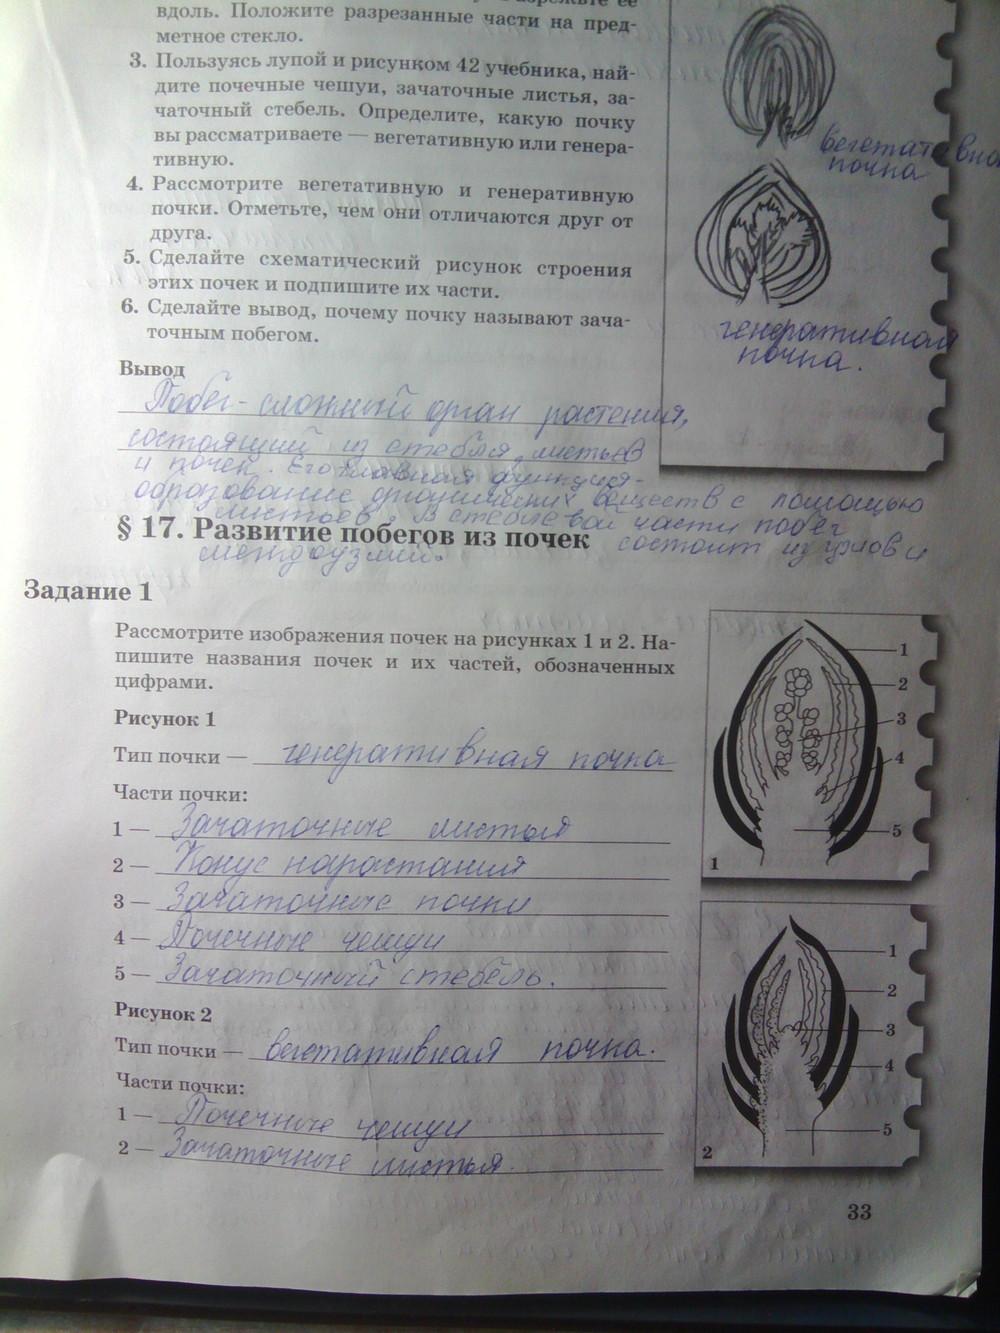 Гдз по биологии 6 класс рабочая тетрадь 2 часть